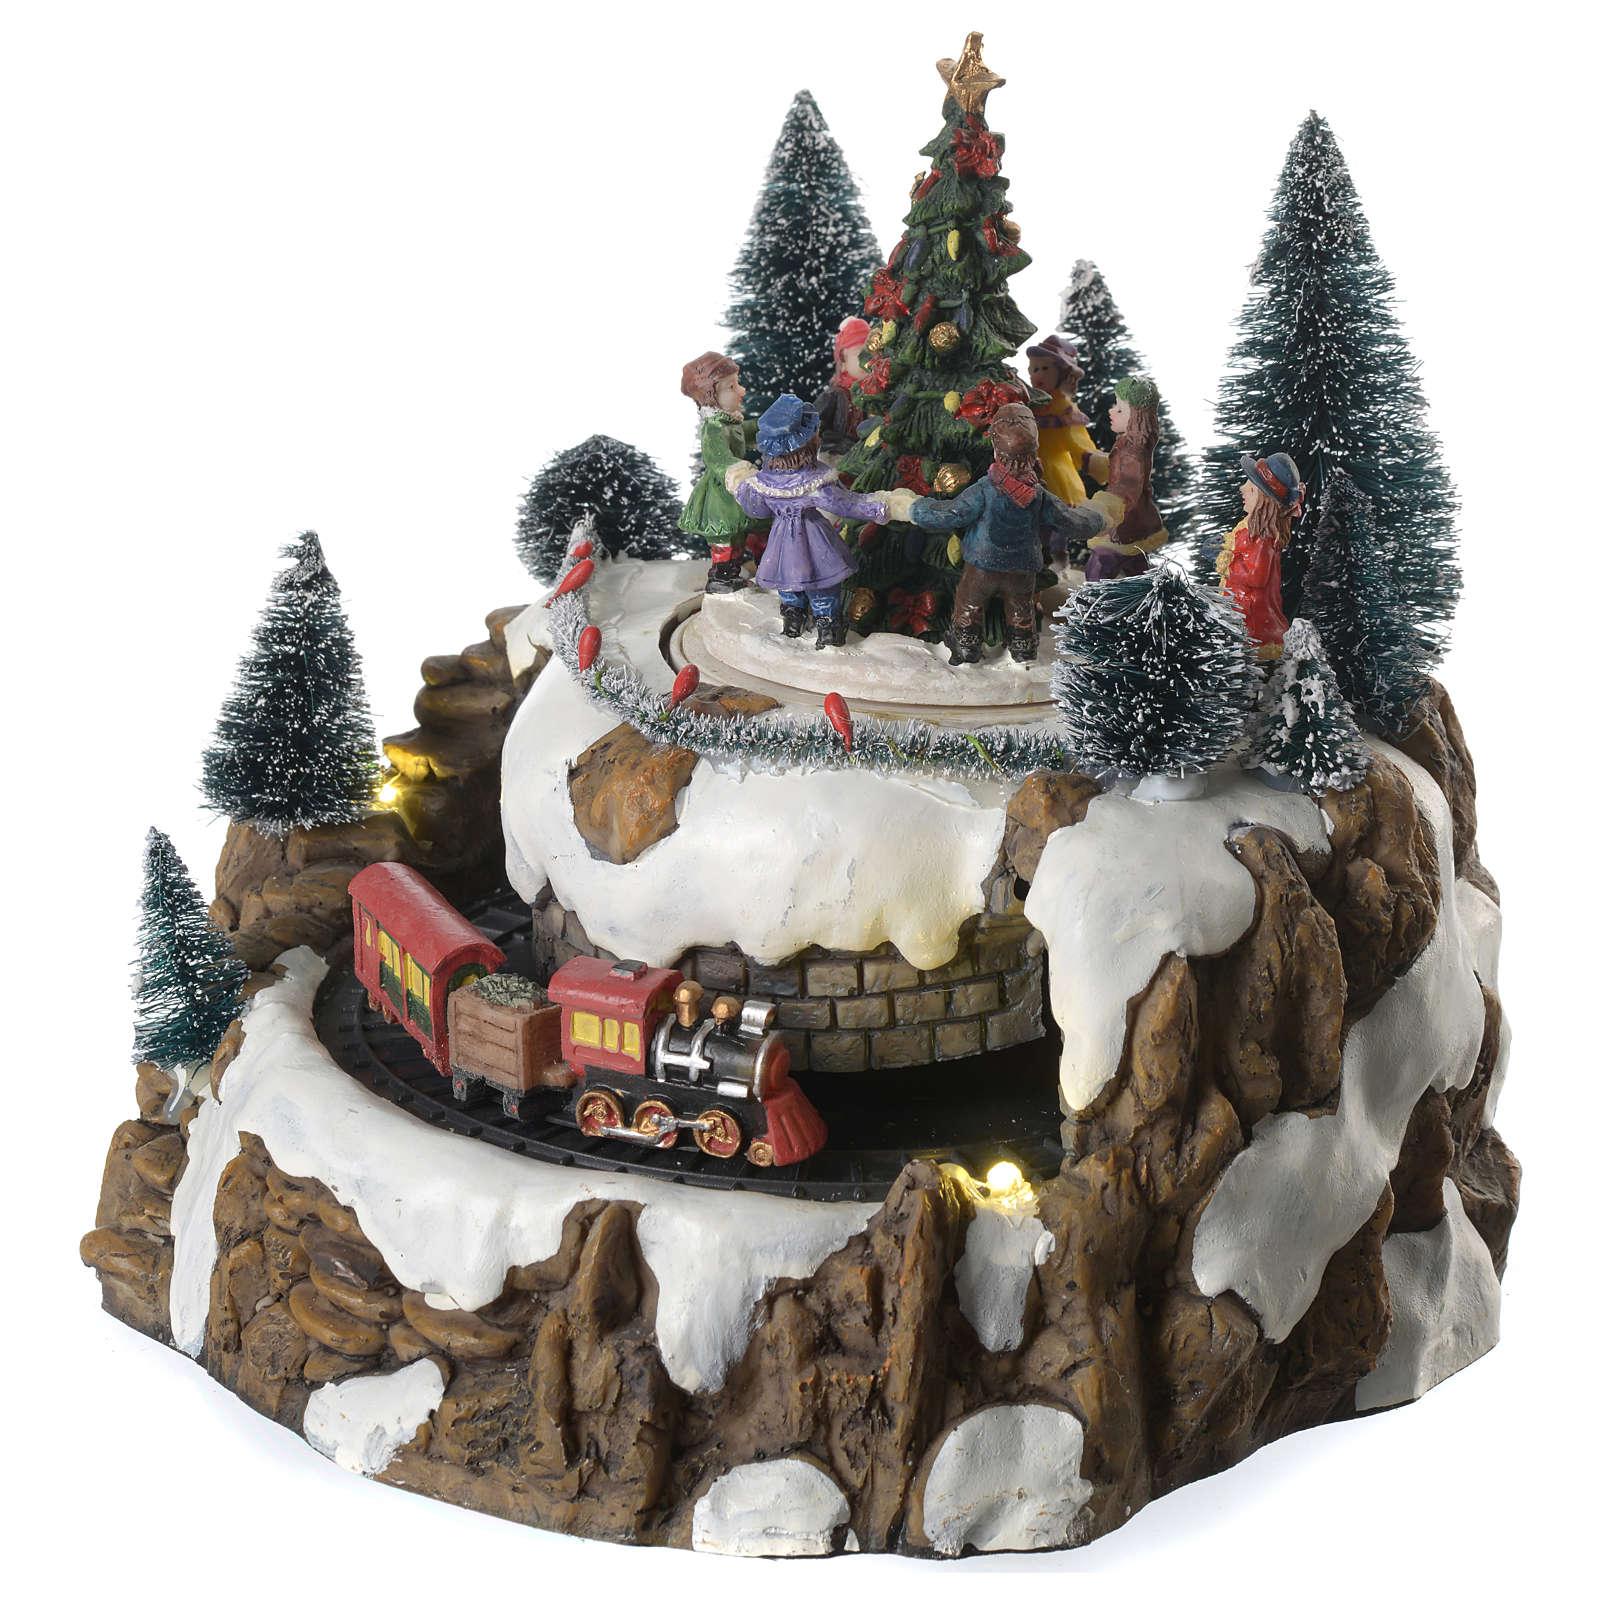 Aldea de navidad tren y niños en movimiento iluminado con música 25x20 3